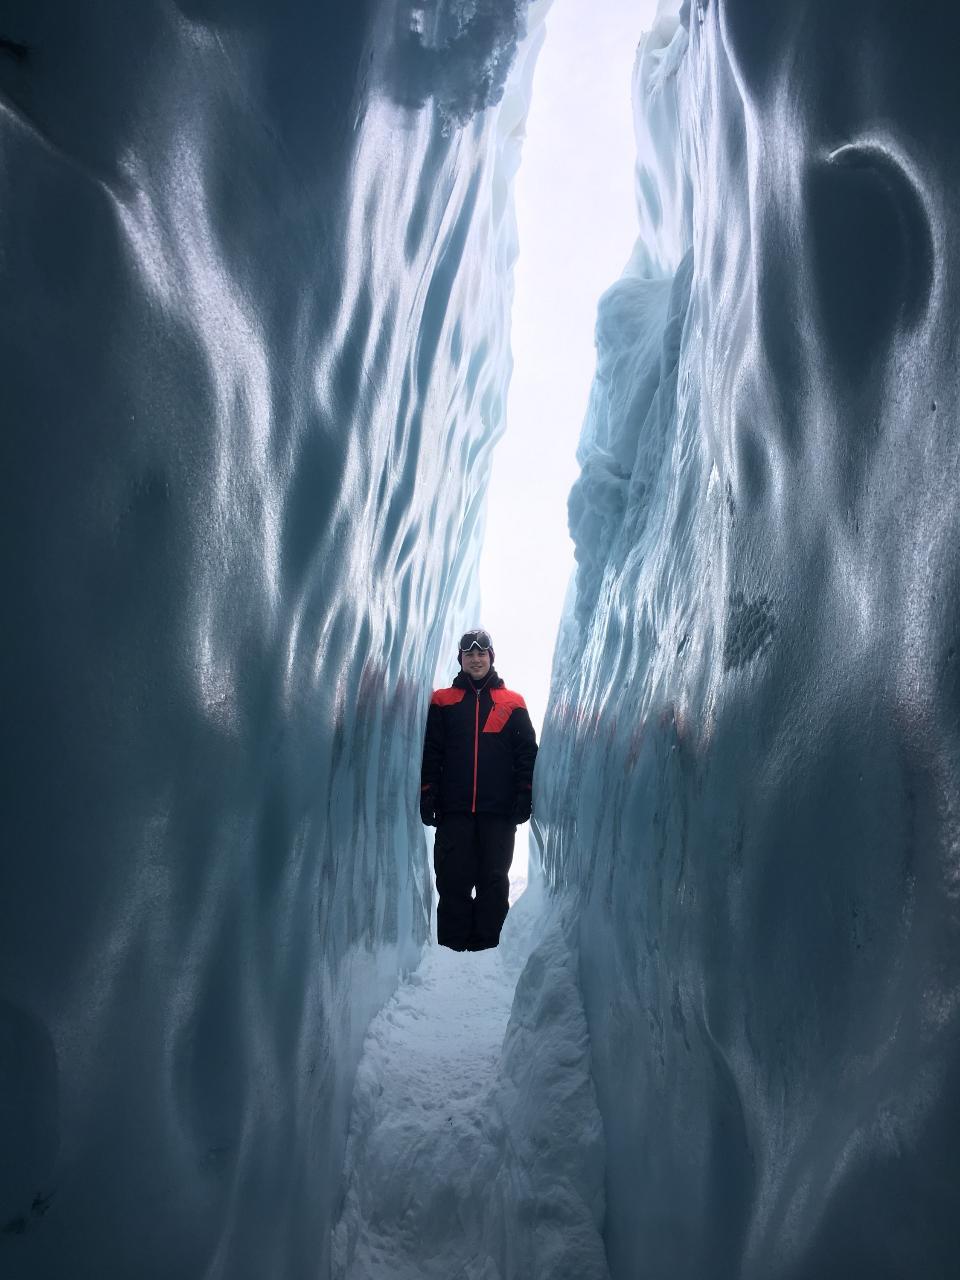 Matanuska Glacier Tour